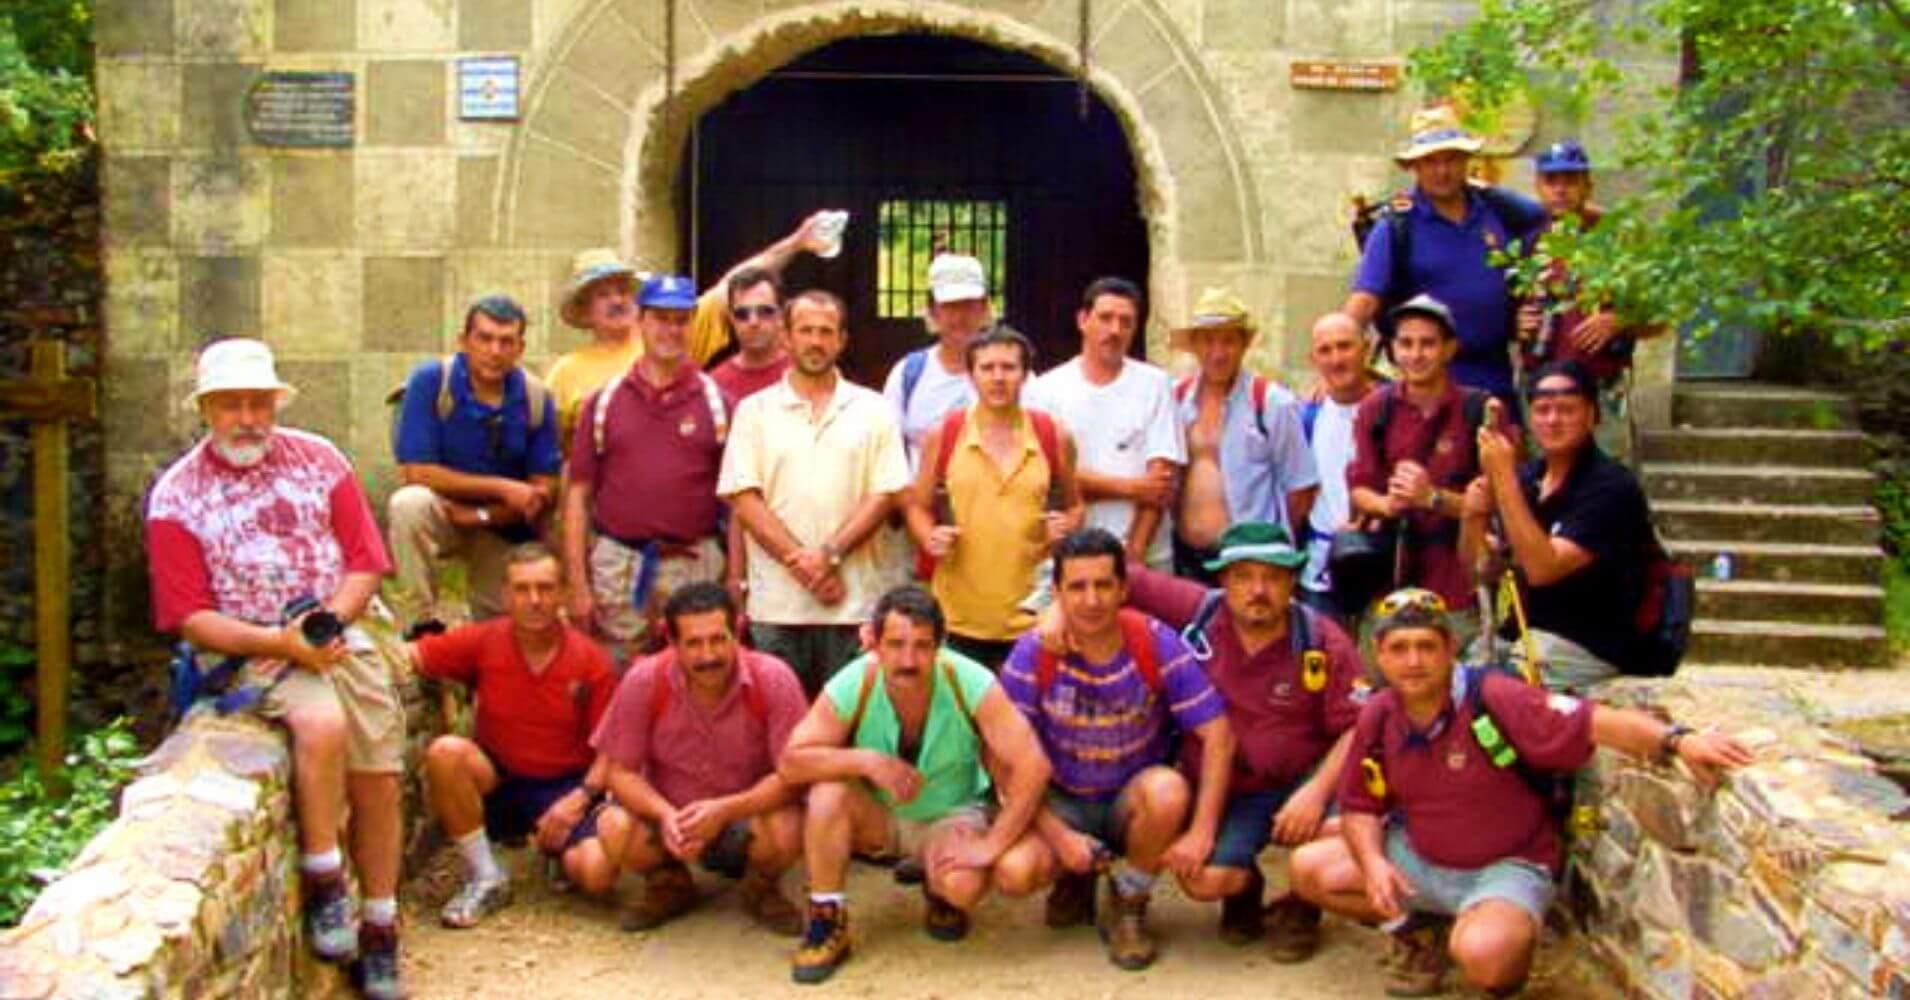 Grupo en la Puerta del Monasterio de las Batuecas. Salamanca. Castilla y León.